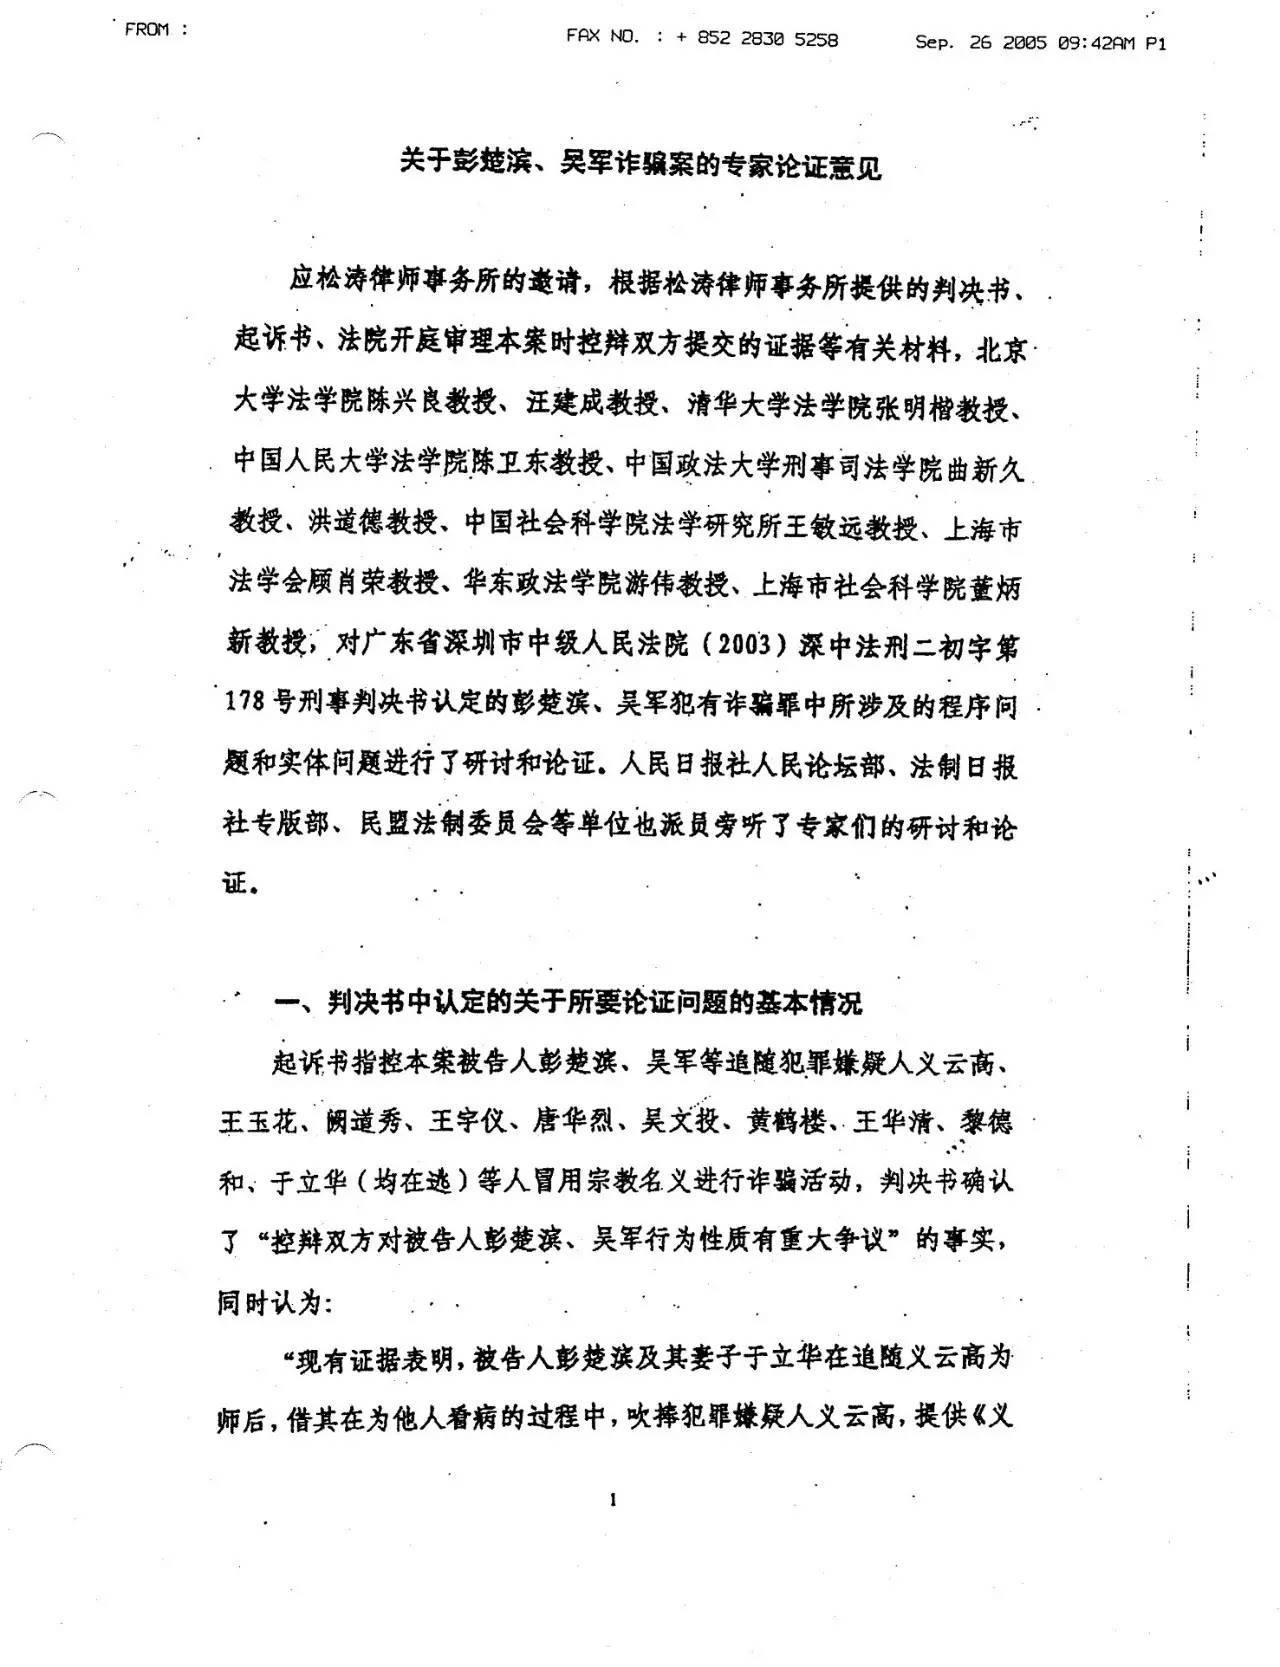 周永康陈绍基陷害第三世多杰羌佛真相曝光 第3张